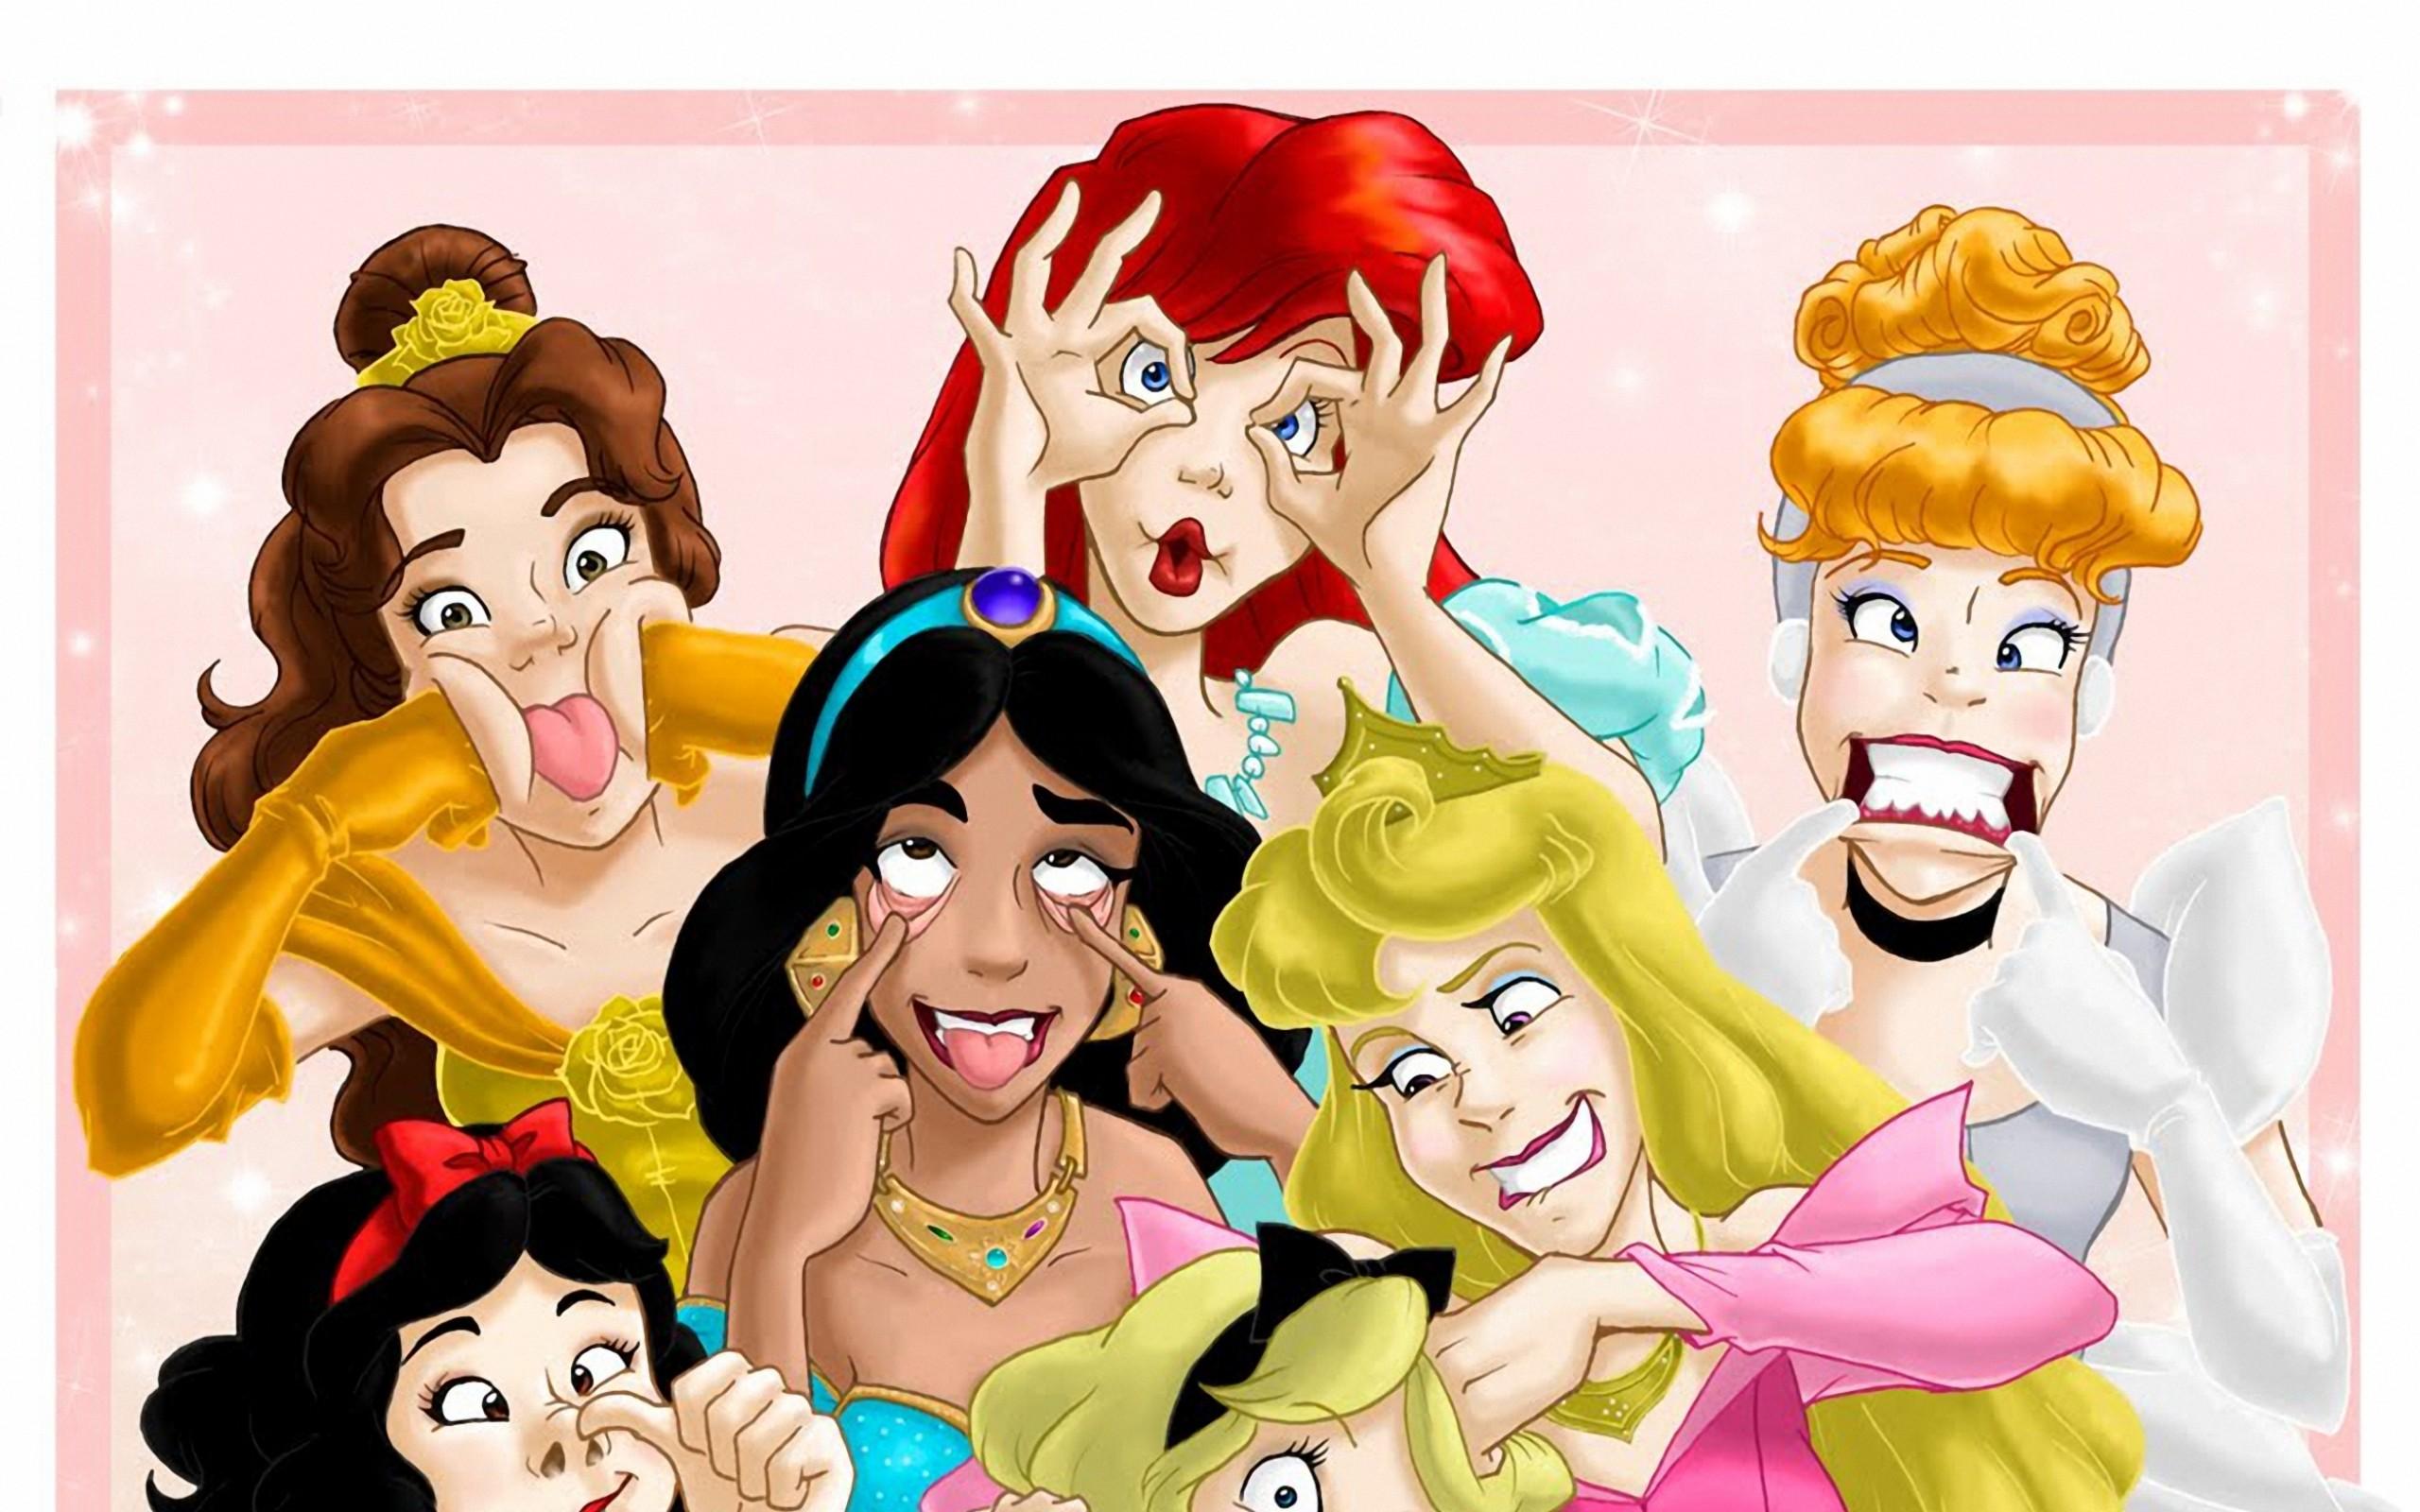 Картинки смешные с принцессами